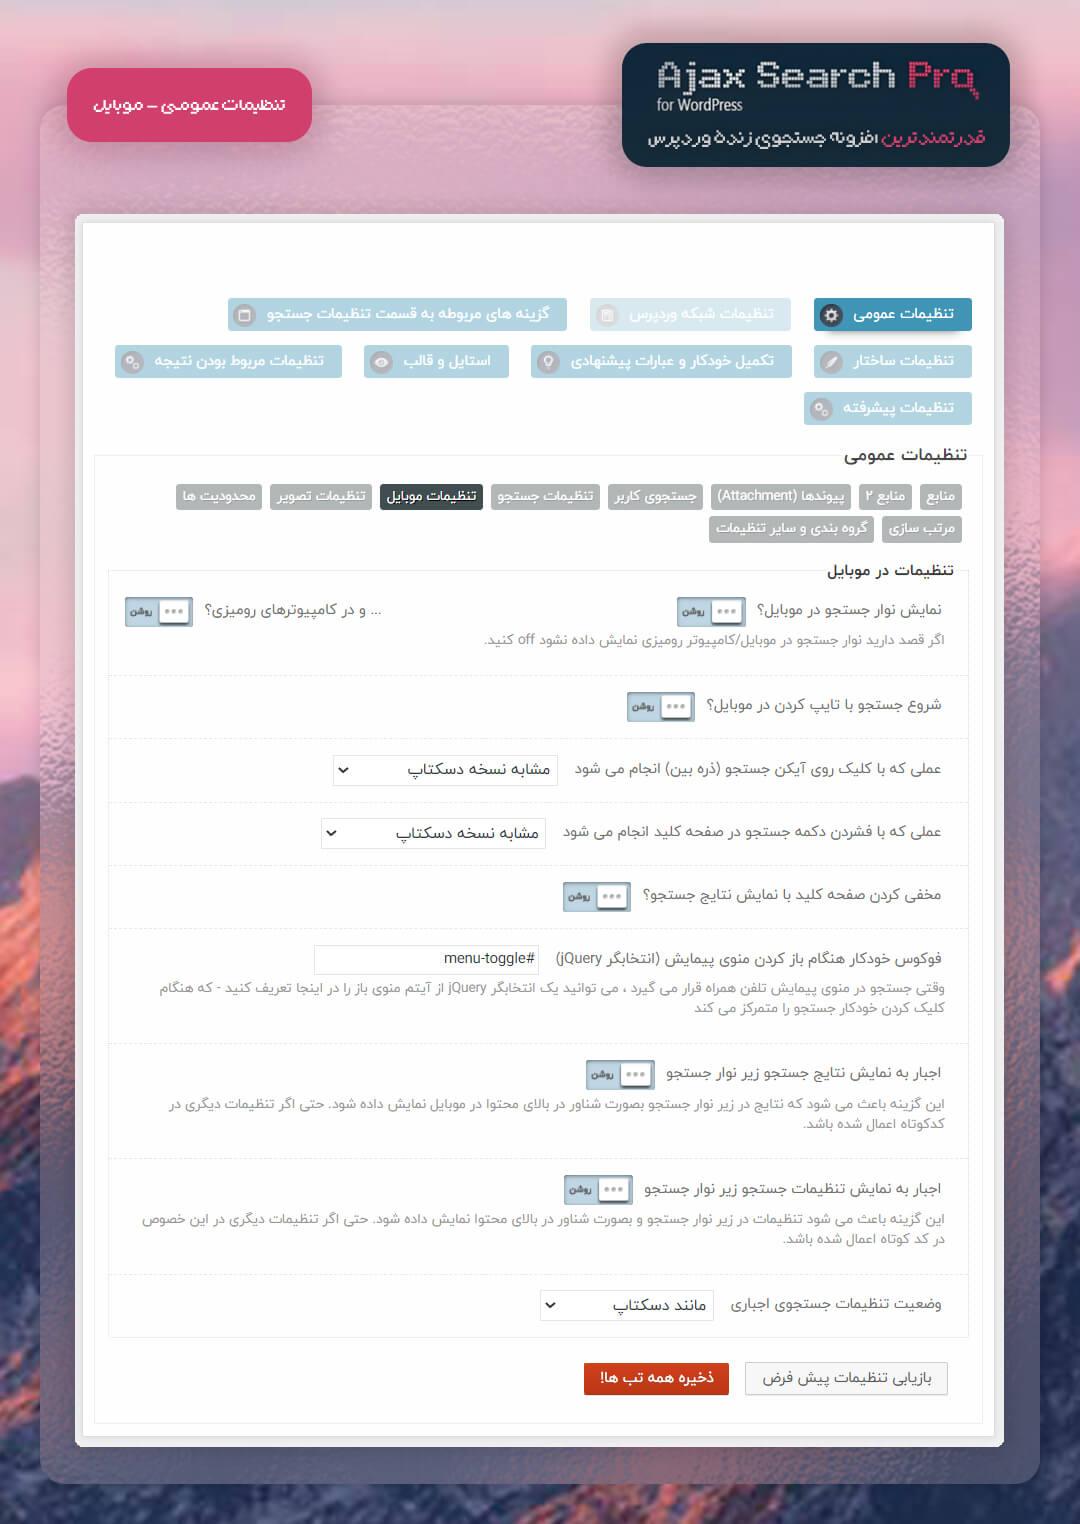 تنظیمات موبایل در افزونه جستجوی پیشرفته وردپرس